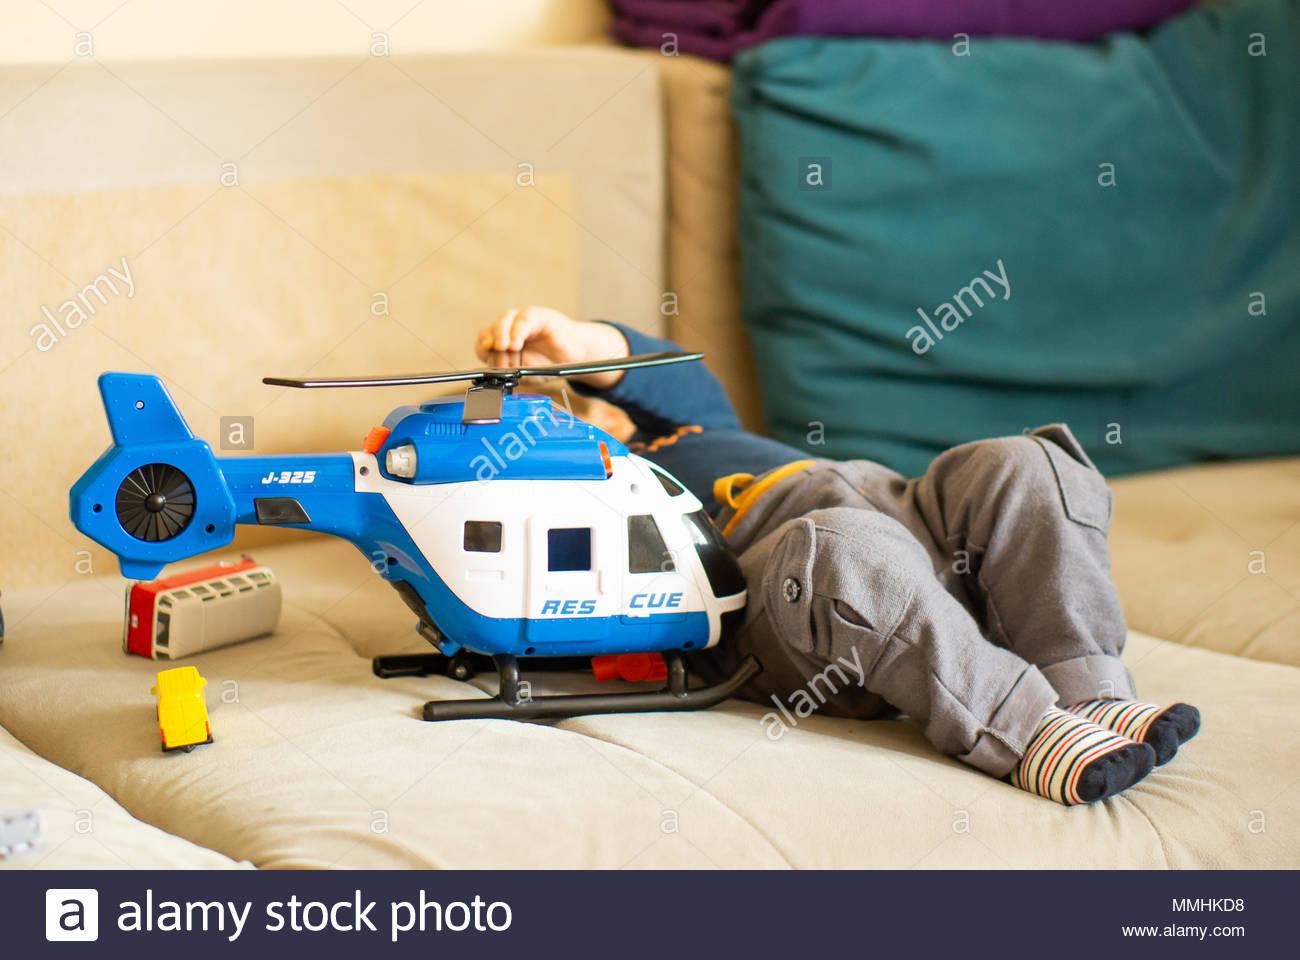 Rettungshubschrauber Rescue Weiß Spielzeug für Kinder Spielzeugautos